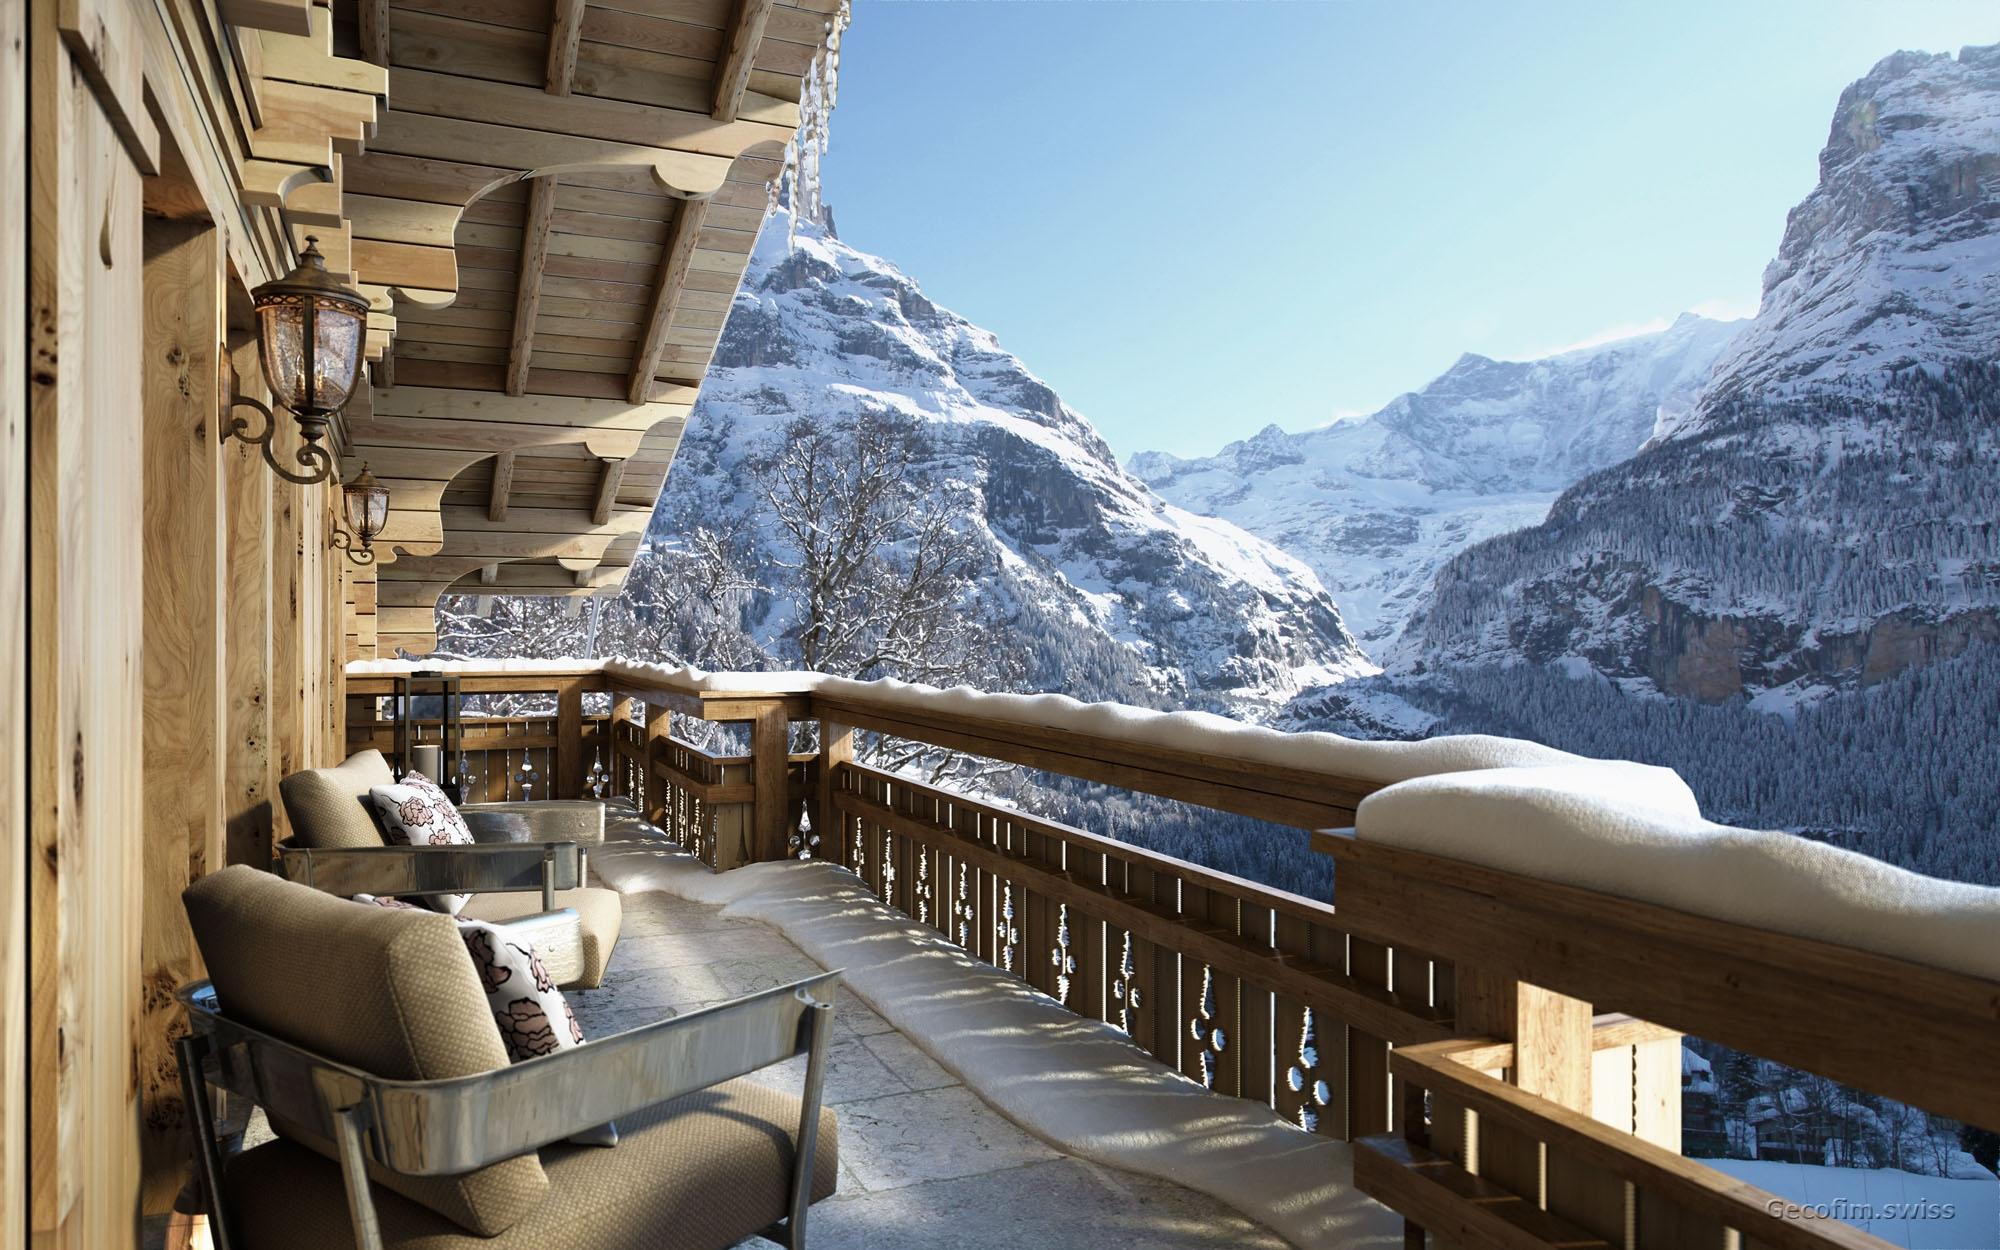 Liegenschaftsverwaltung in der Schweiz